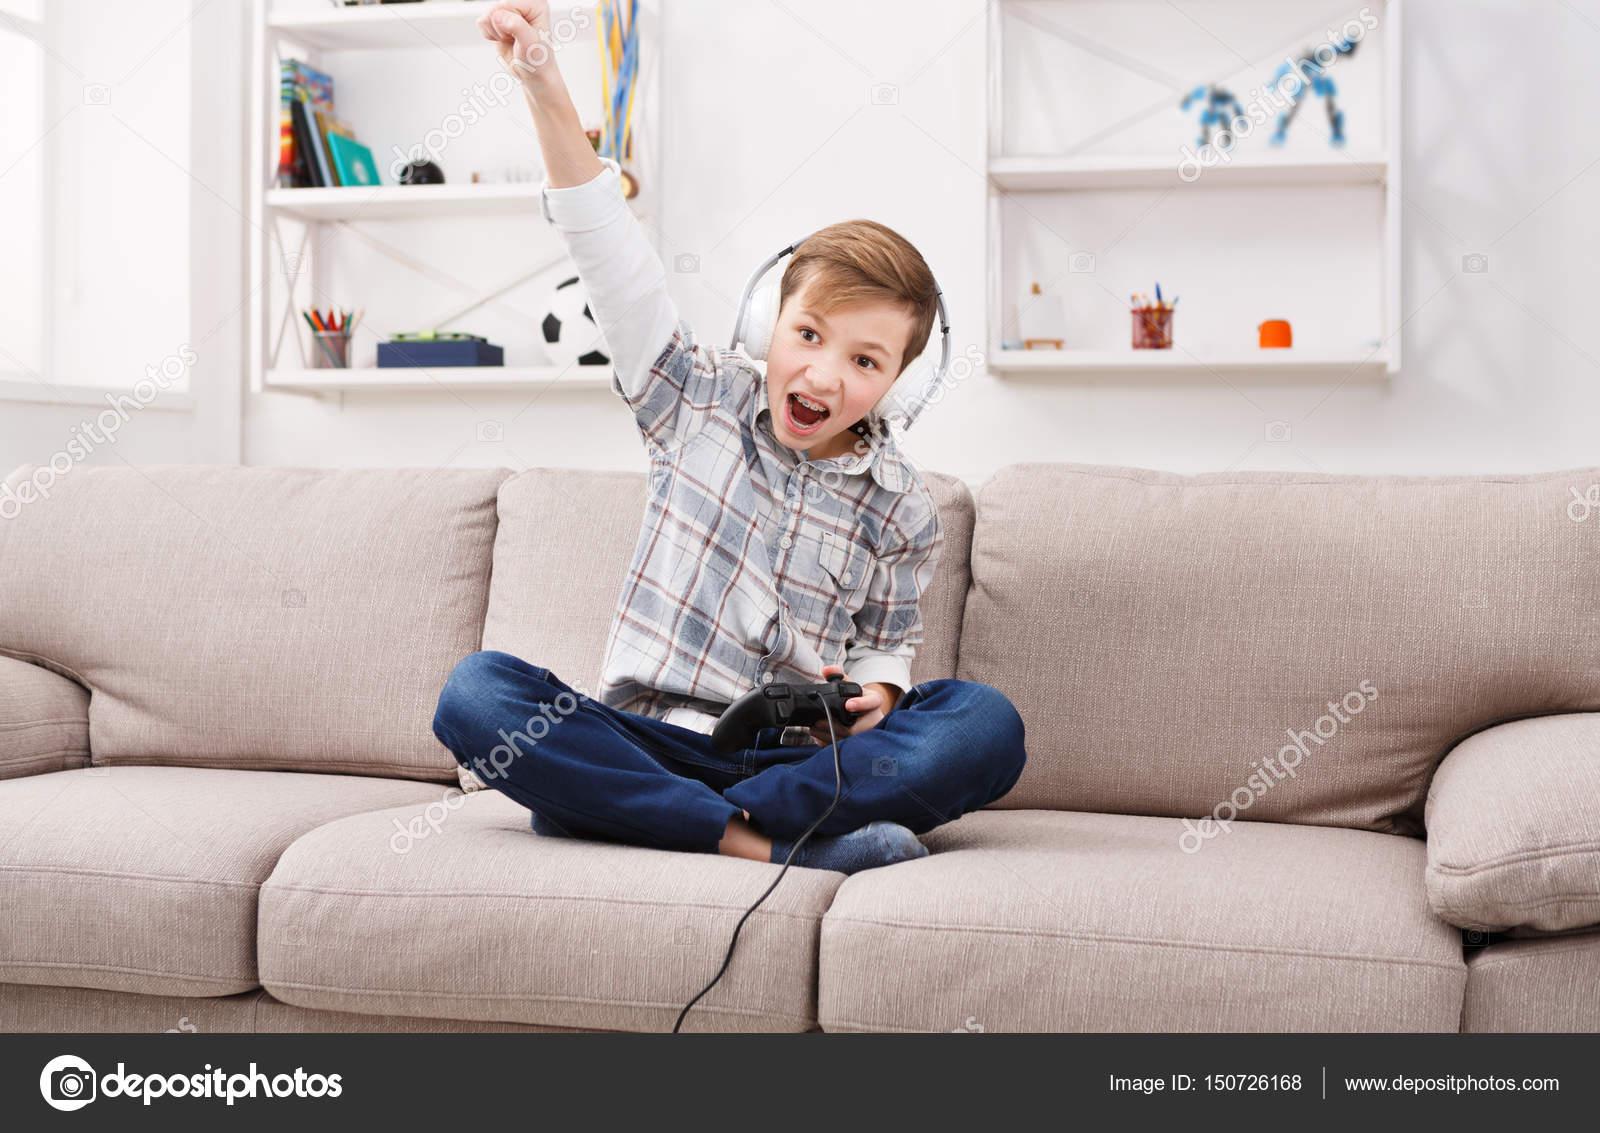 Teen boys at play